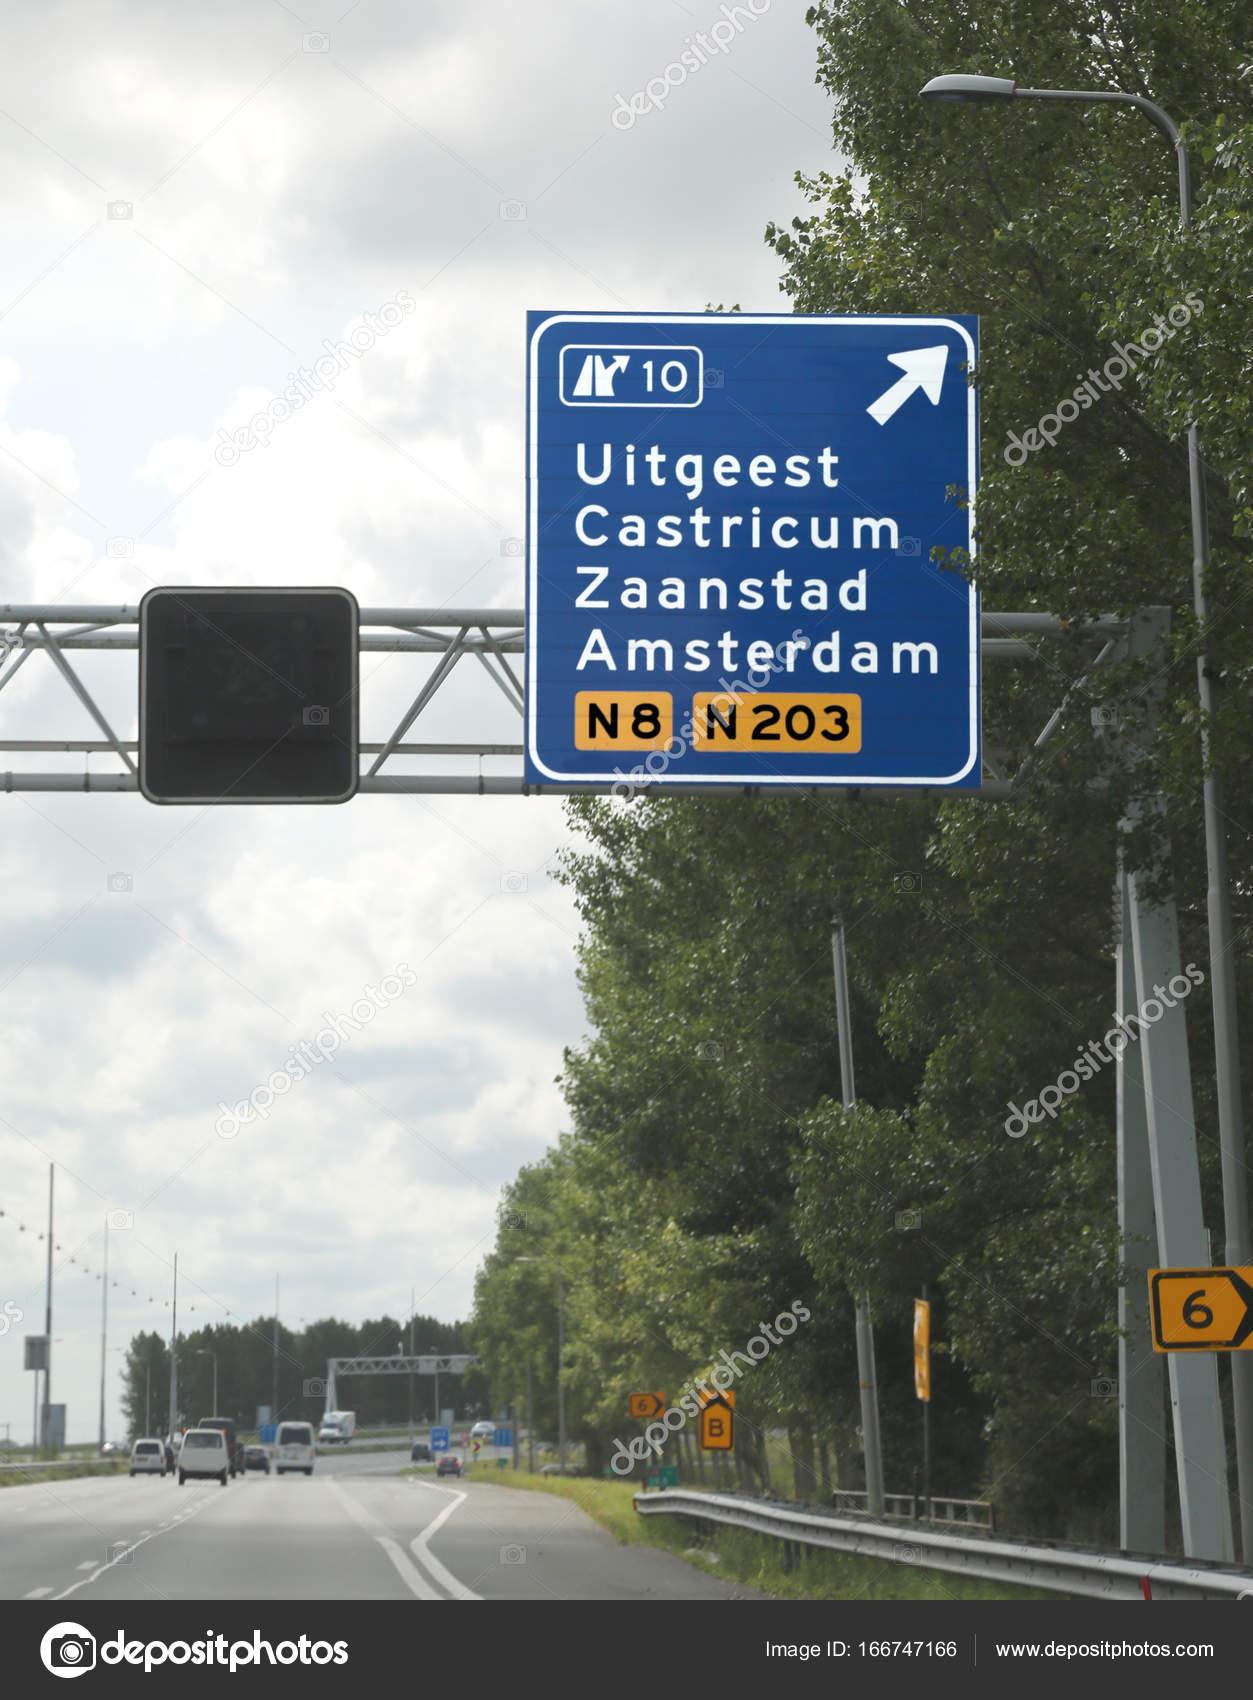 f7ada66d0d04c8 Straßenschild mit Wegbeschreibungen zu Amsterdam und anderen  niederländischen Städten — Stockfoto